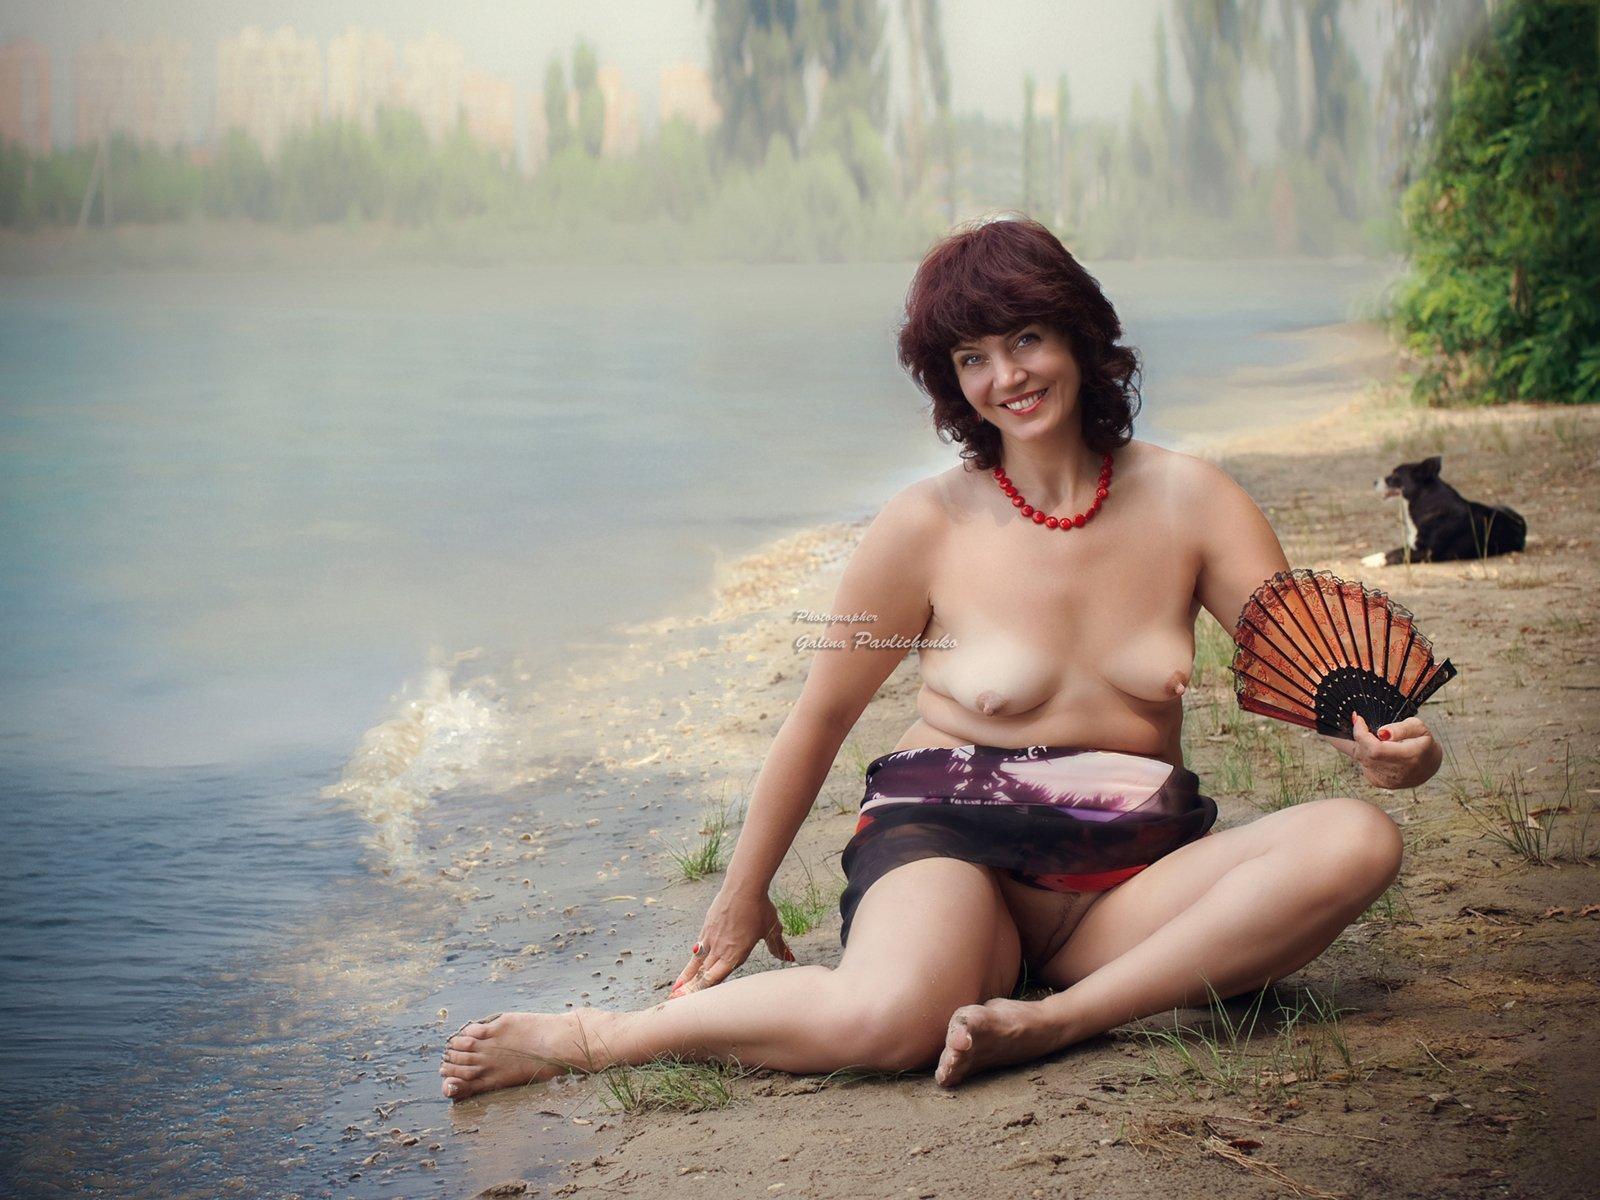 веер, жара, женщина, кубань, лето, немолодая женщина, ню, обнажённое тело, пляж, полная женщина, река, собака, улыбка, эротика, Галя